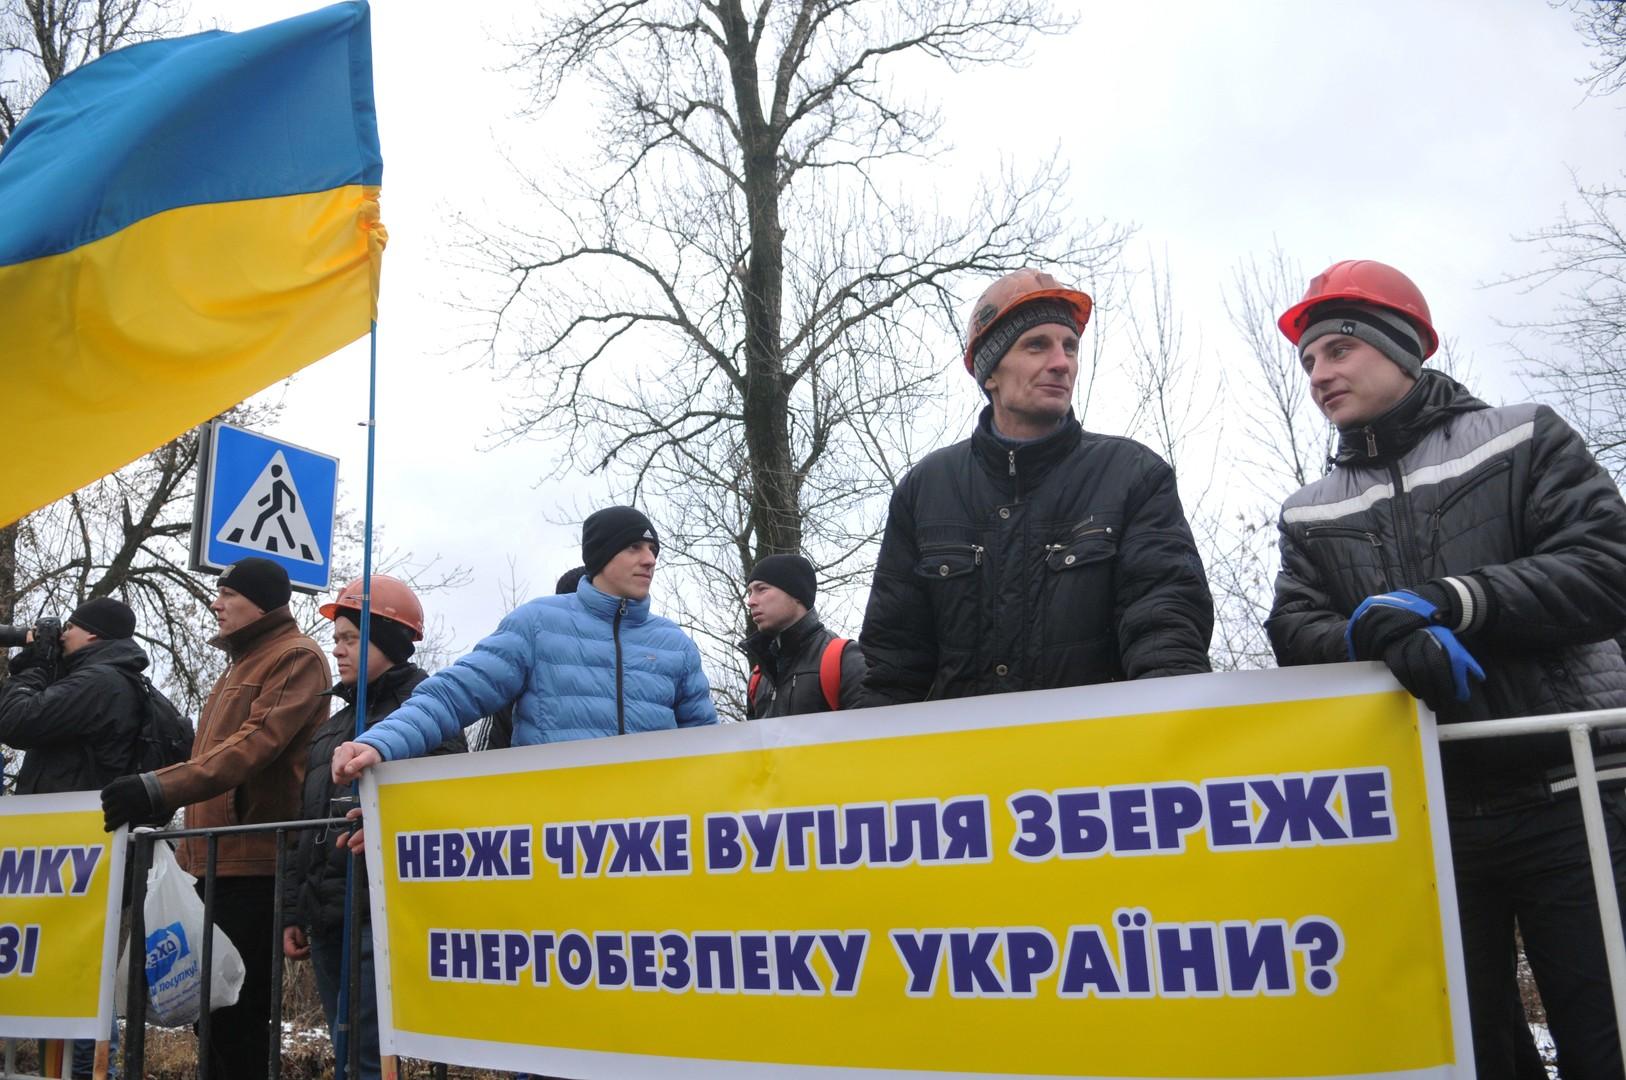 «Est-ce que le charbon étranger pourra garantir la sécurité énergétique de l'Ukraine ?»